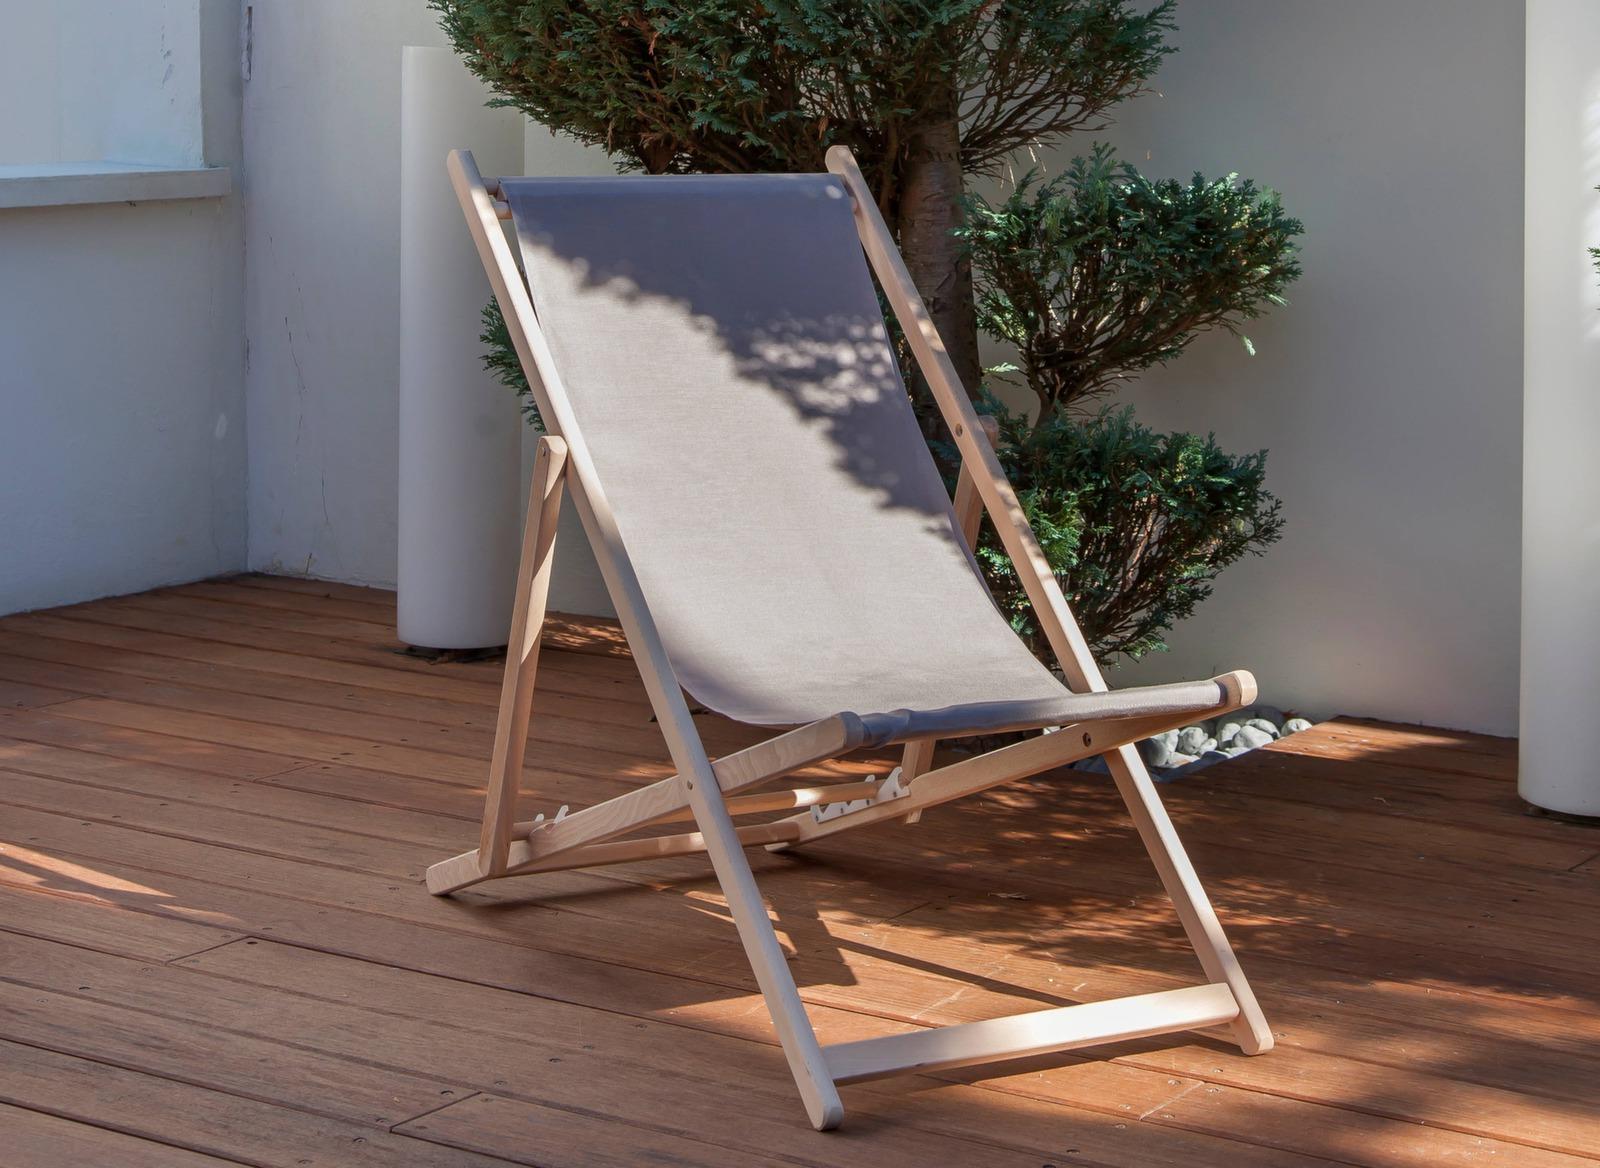 Dégriseur mobilier de jardin bois, Ecoproduit